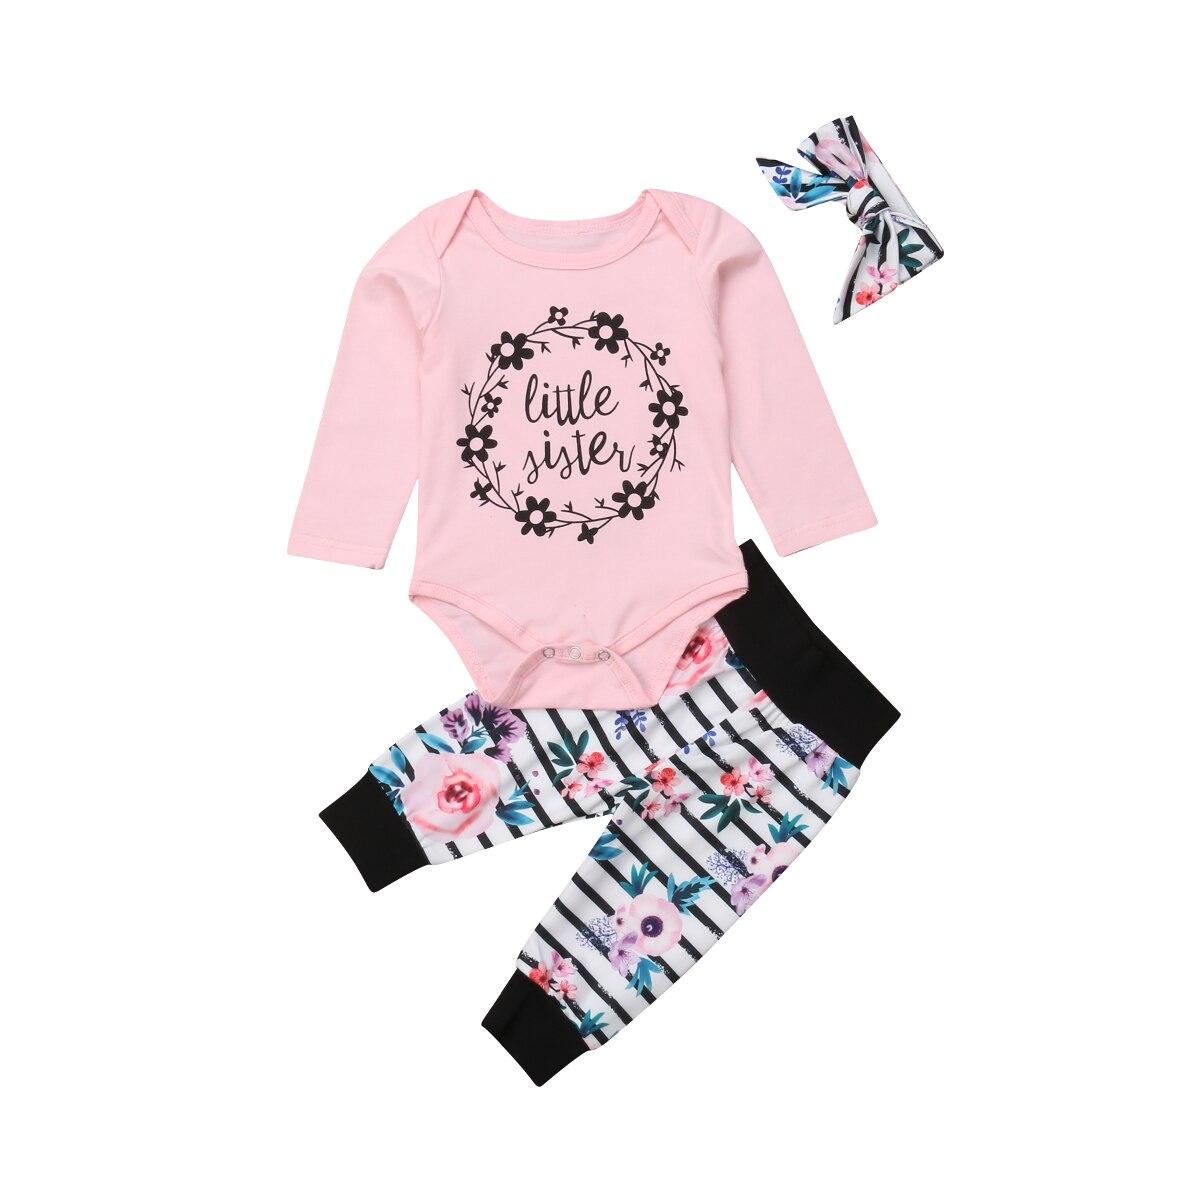 Imparato Outfit Uguali Per La Famiglia Capretti Appena Nati Del Bambino Piccolo/grande Sorella Fiore Pagliaccetto T-shirt Pantaloni Outfits 3 Pz Disabilità Strutturali